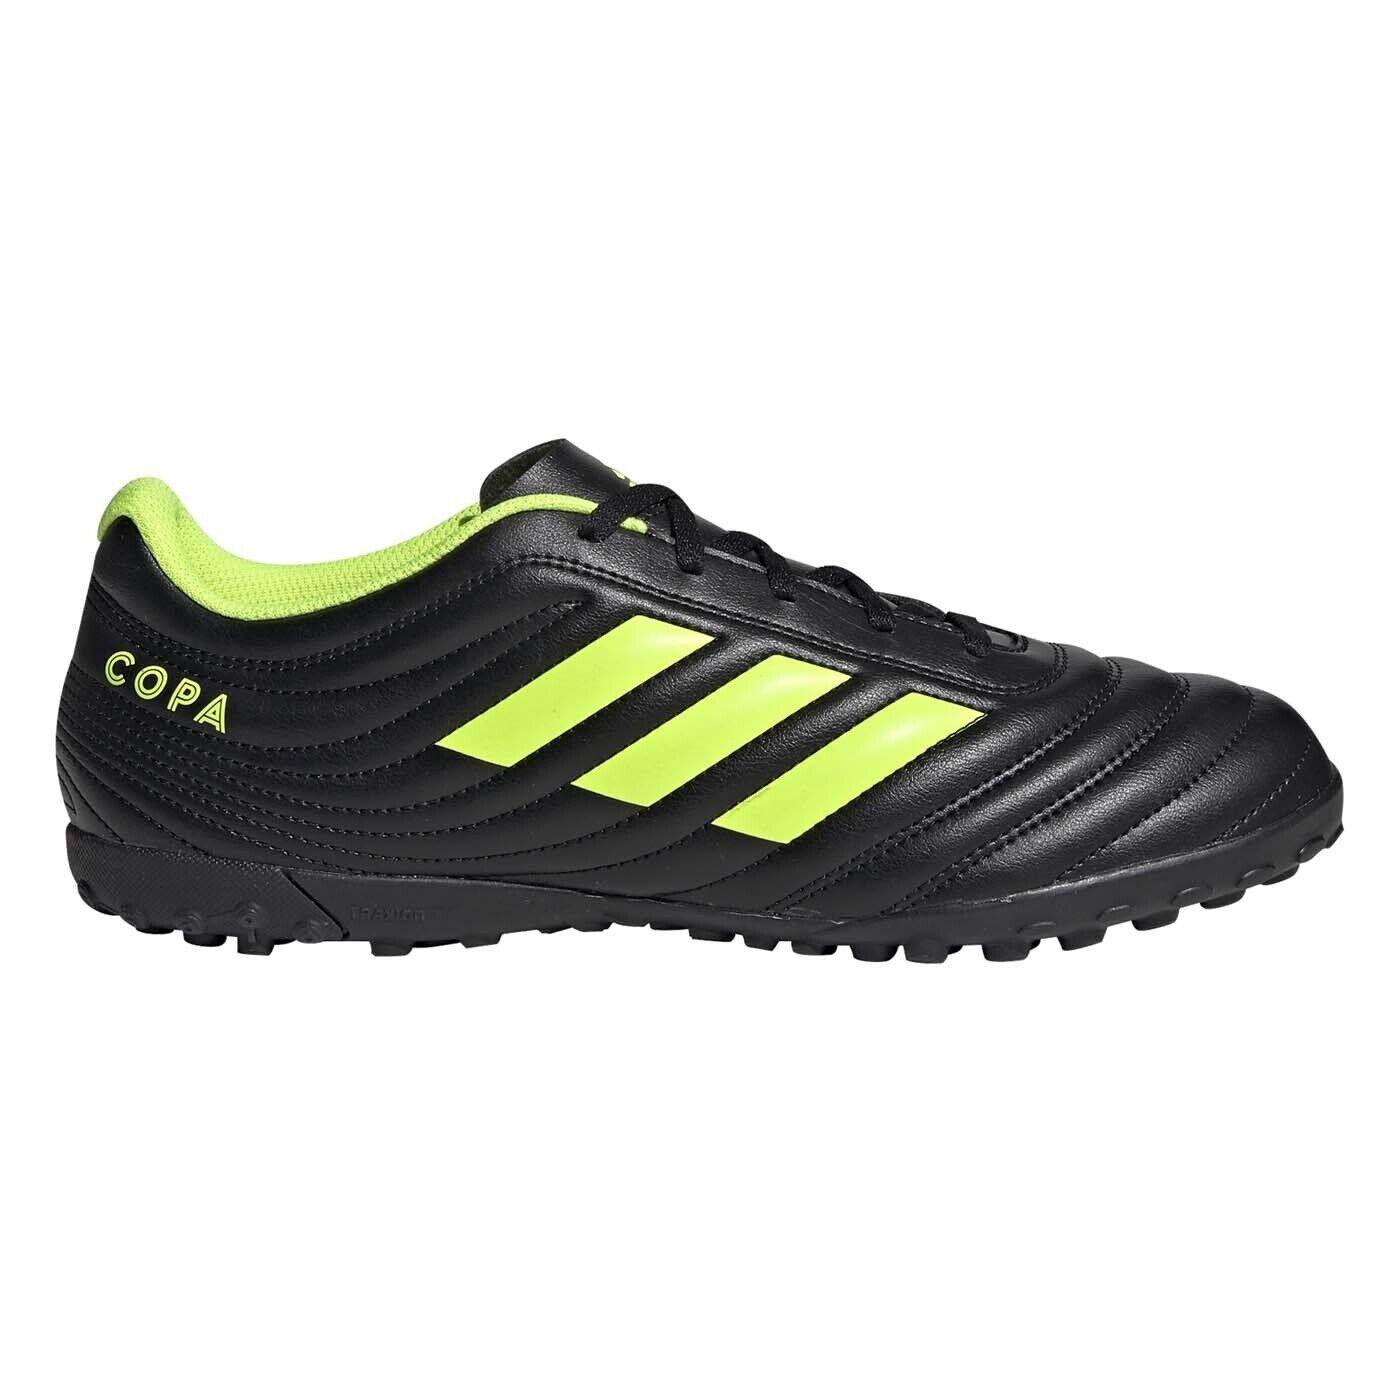 Adidas 19.4 Roscada Horquilla Copa 2019 calzado de fútbol de césped verde negro Todos Los Tamaños-BB8097